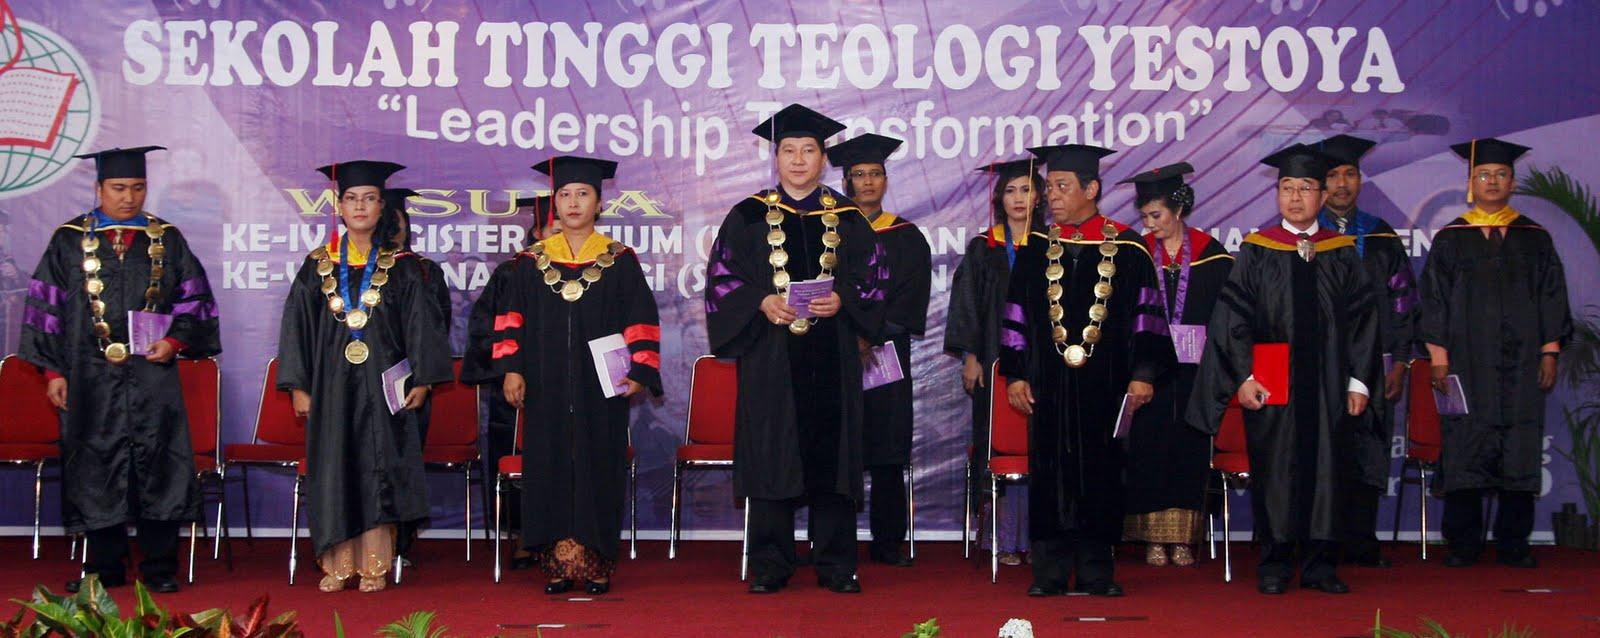 Sekolah Tinggi Teologia Yestoya